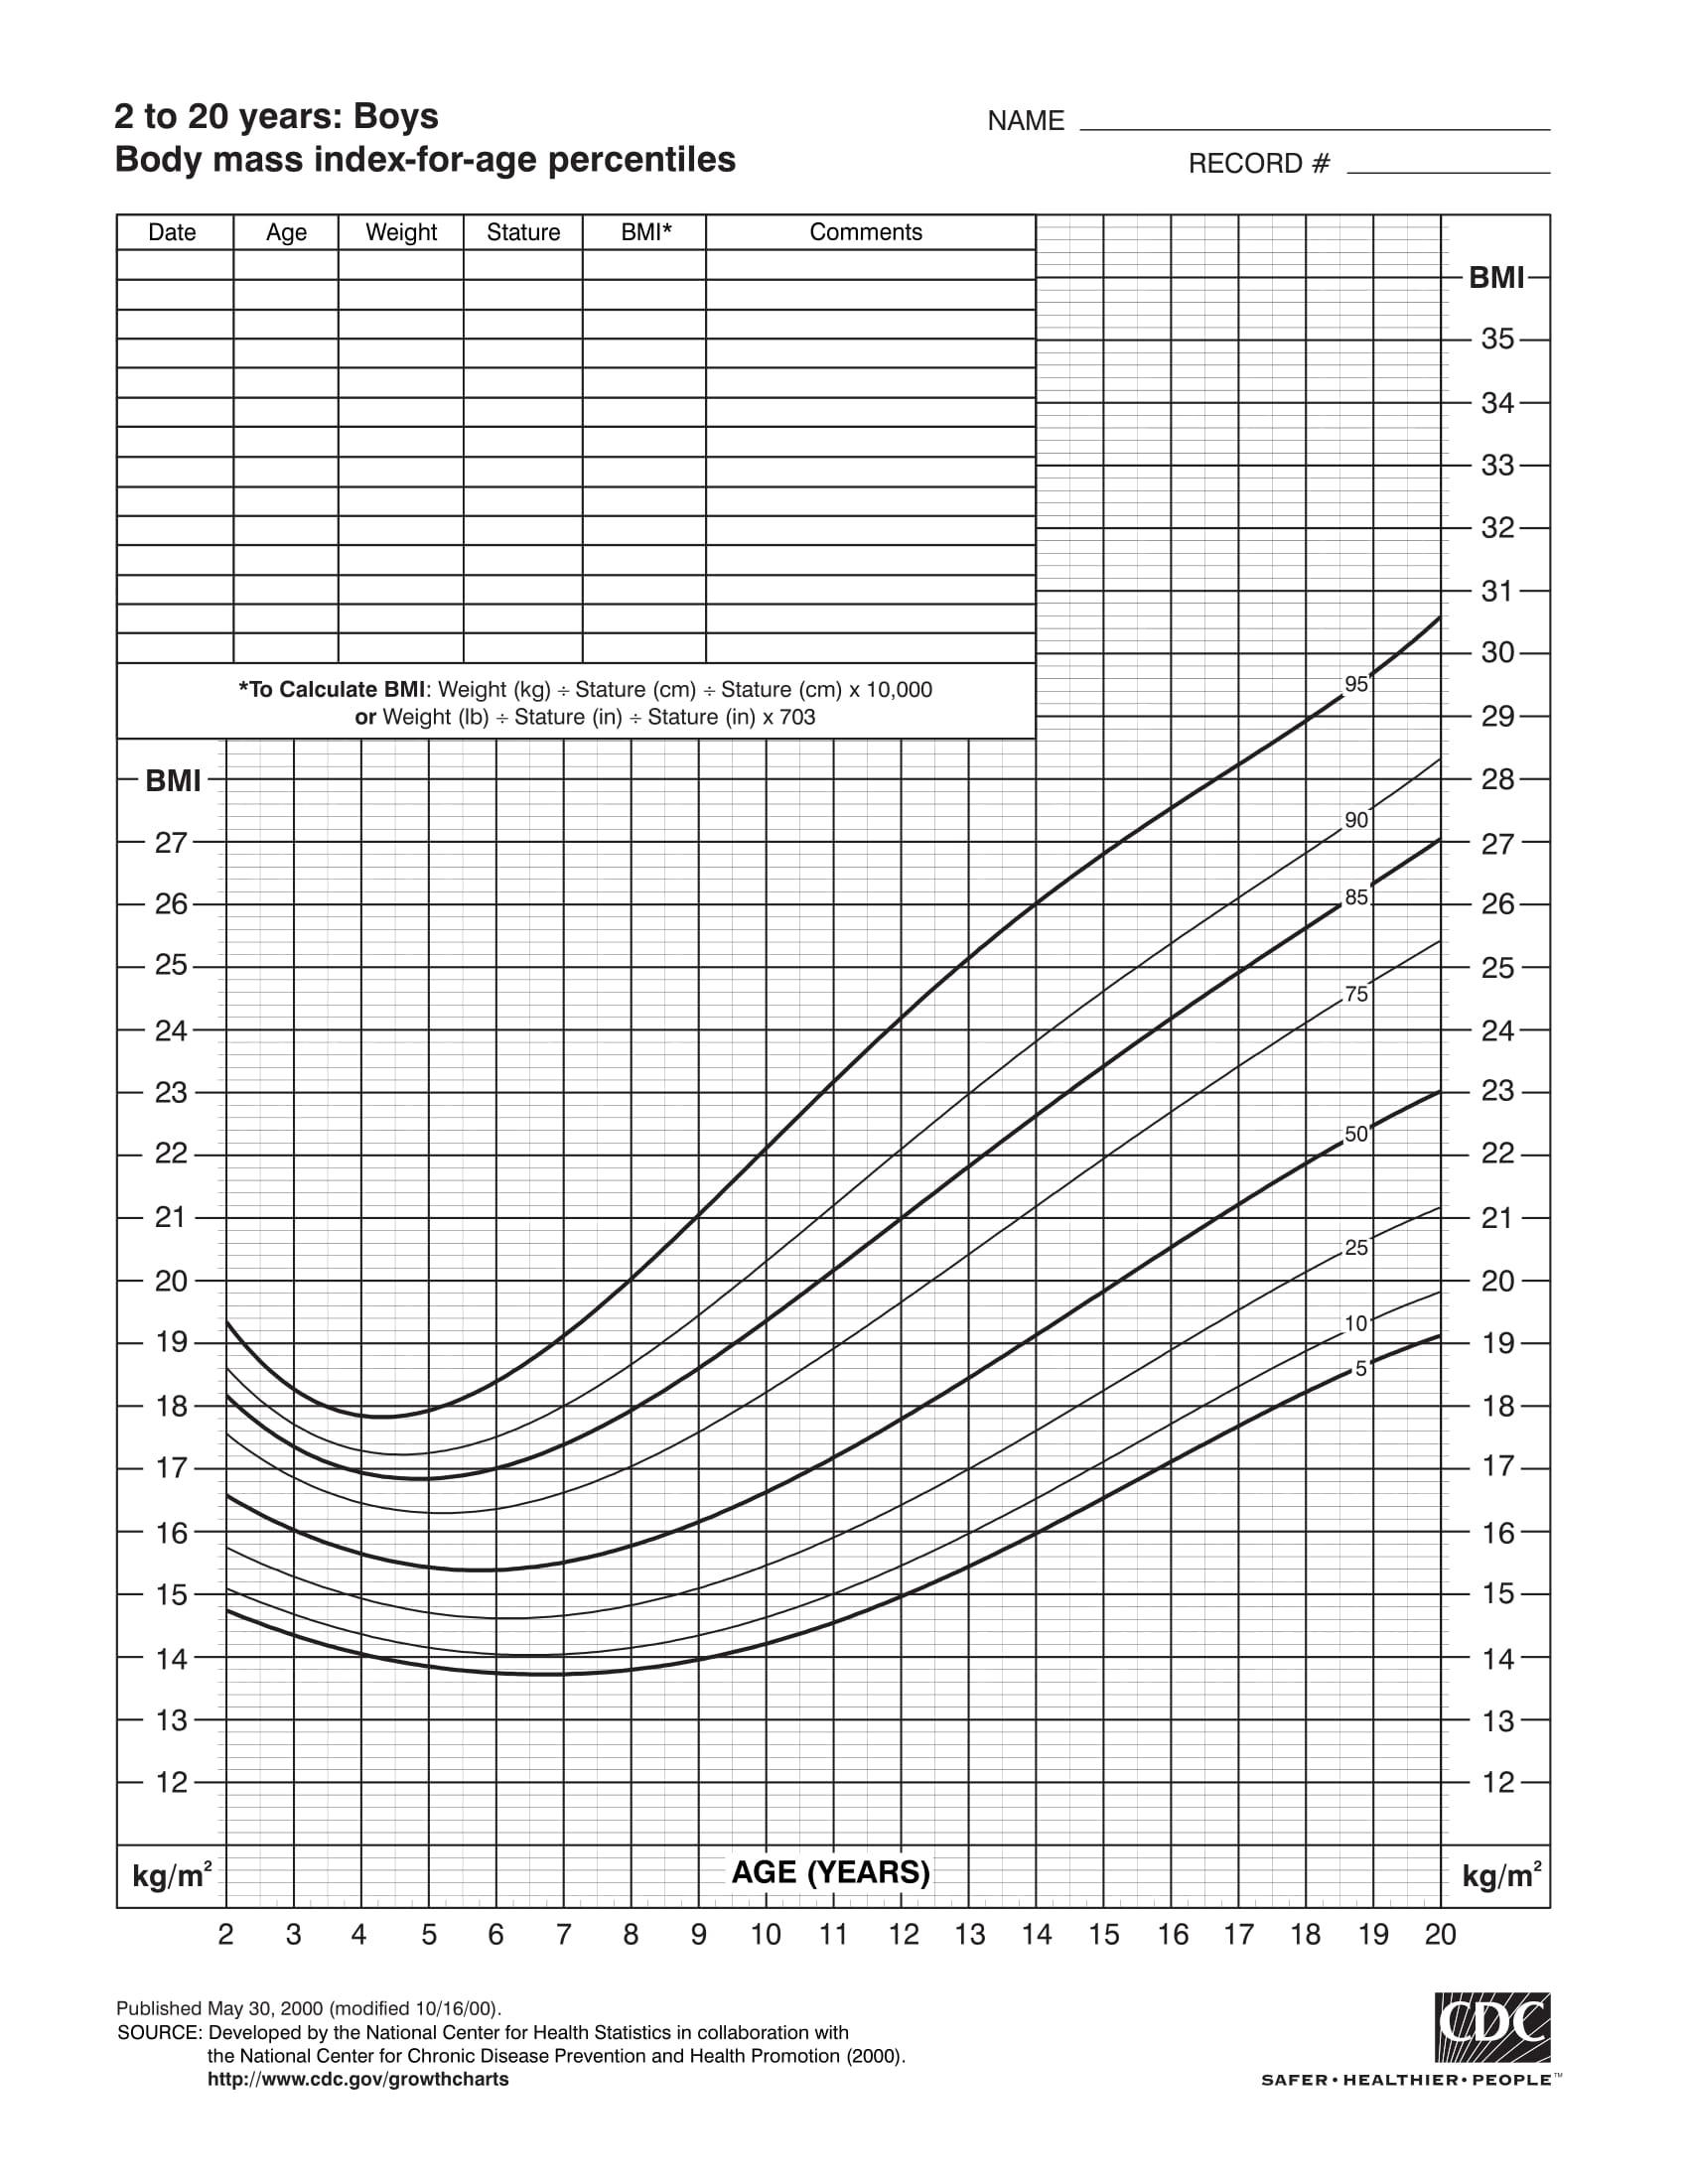 BMI theo tuổi - Biểu đồ tăng trưởng nam